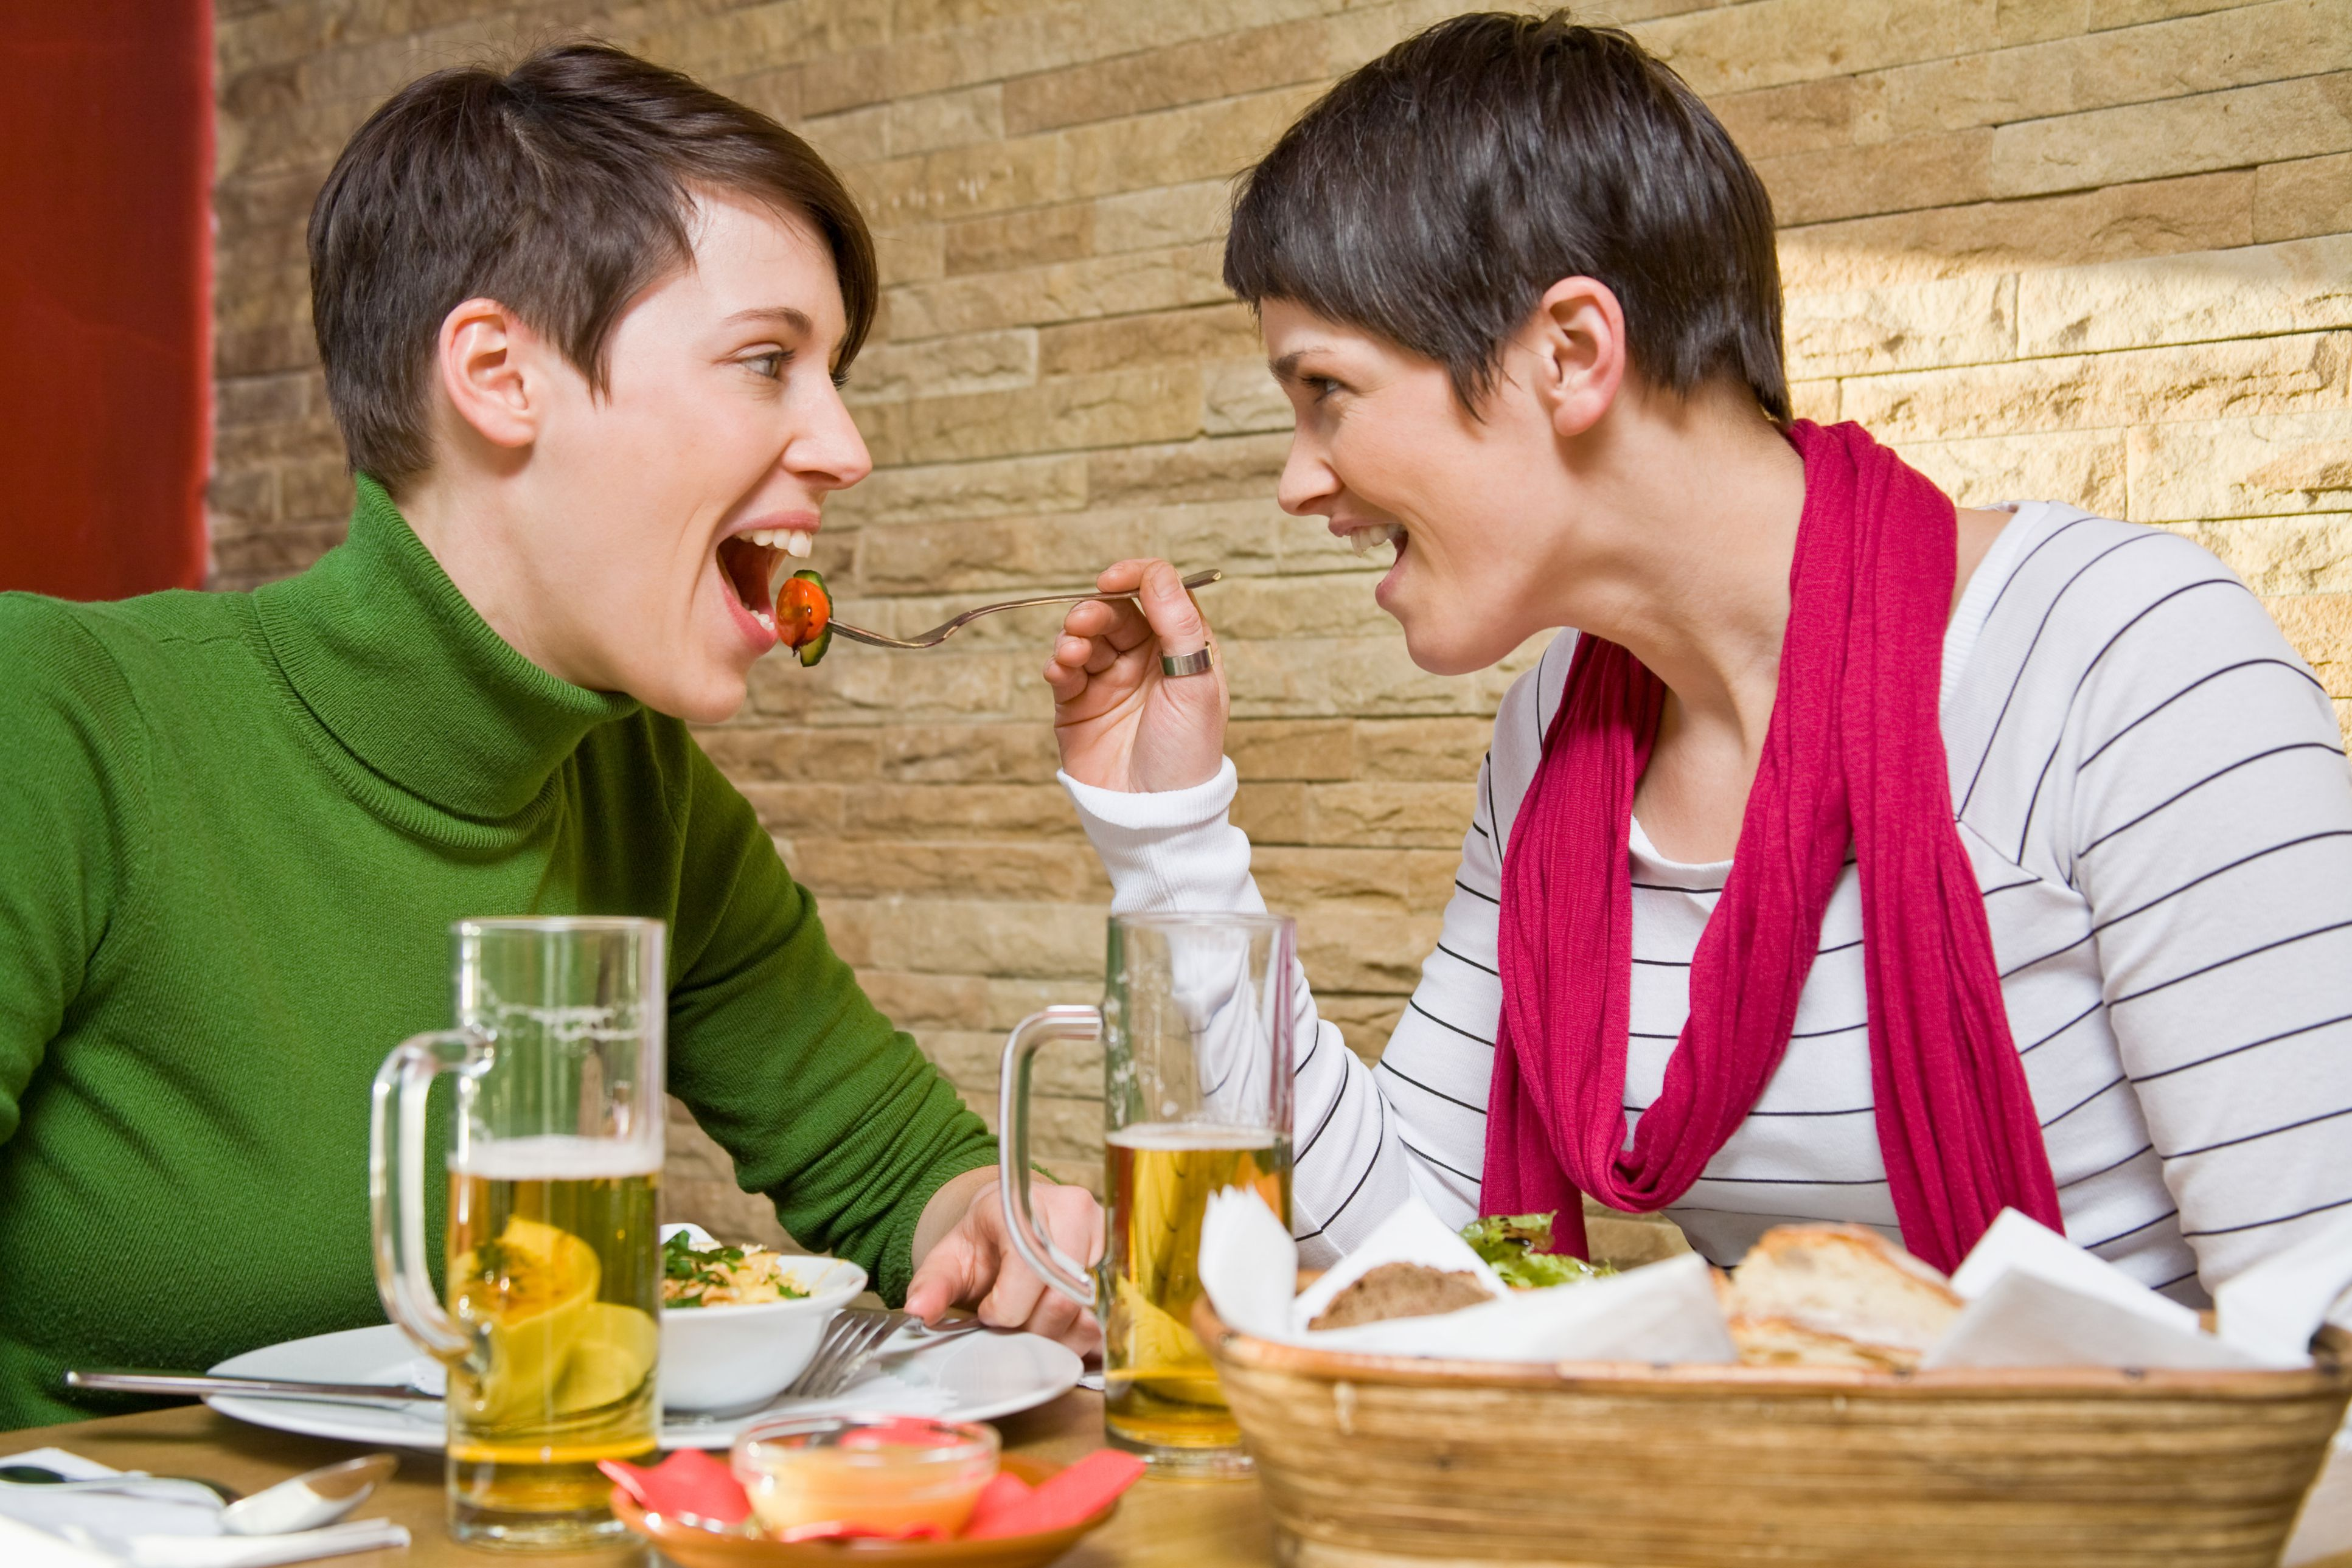 Lesbian Romantic Dinner